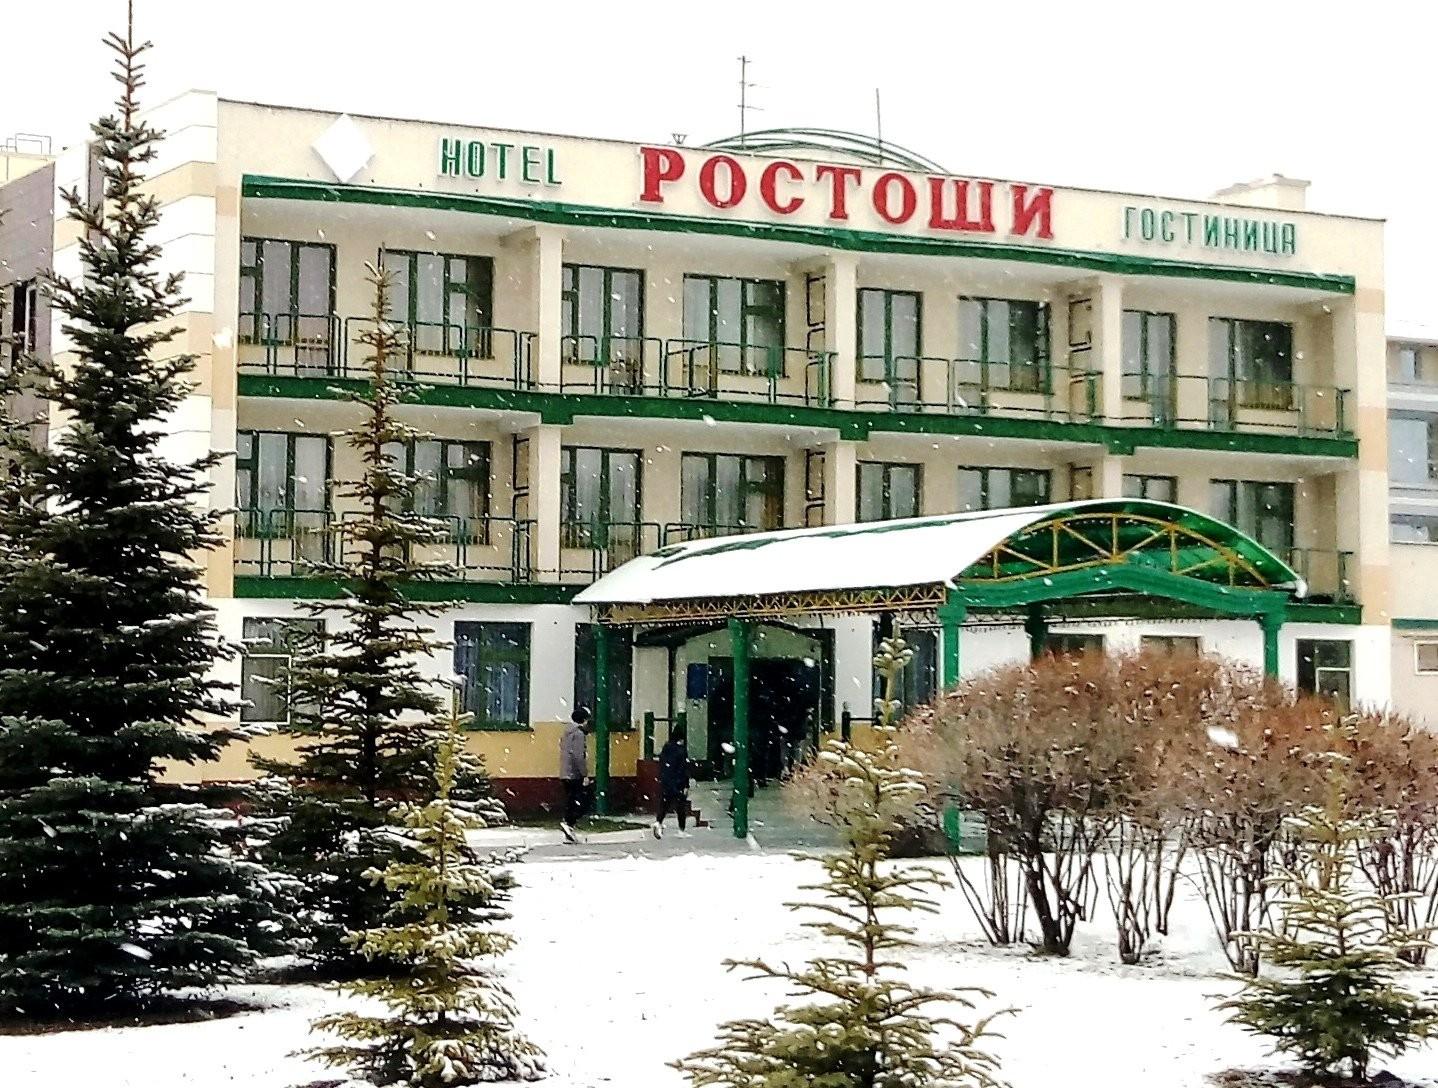 Ростоши, спортивно-развлекательный центр - №1